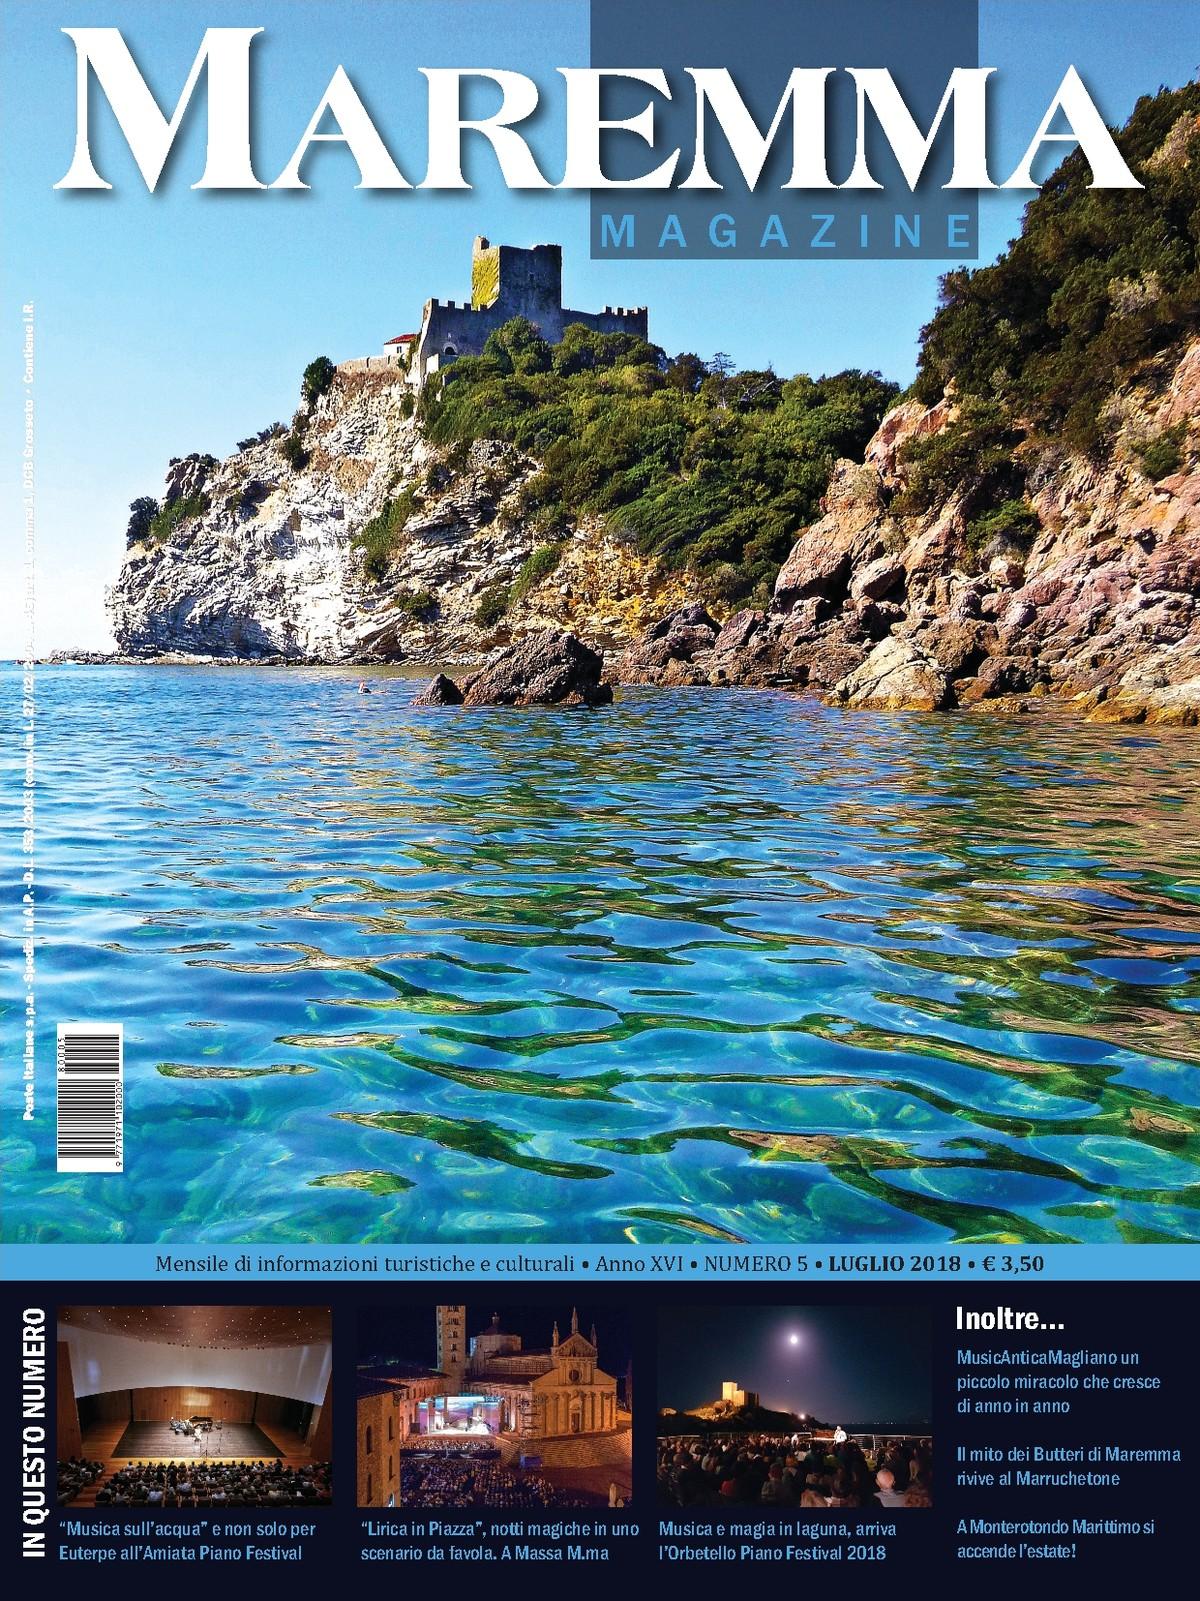 48c8110339d7d5 Maremma Magazine - GIUGNO 2015 - Numero 4 - [CS Edizioni srl]